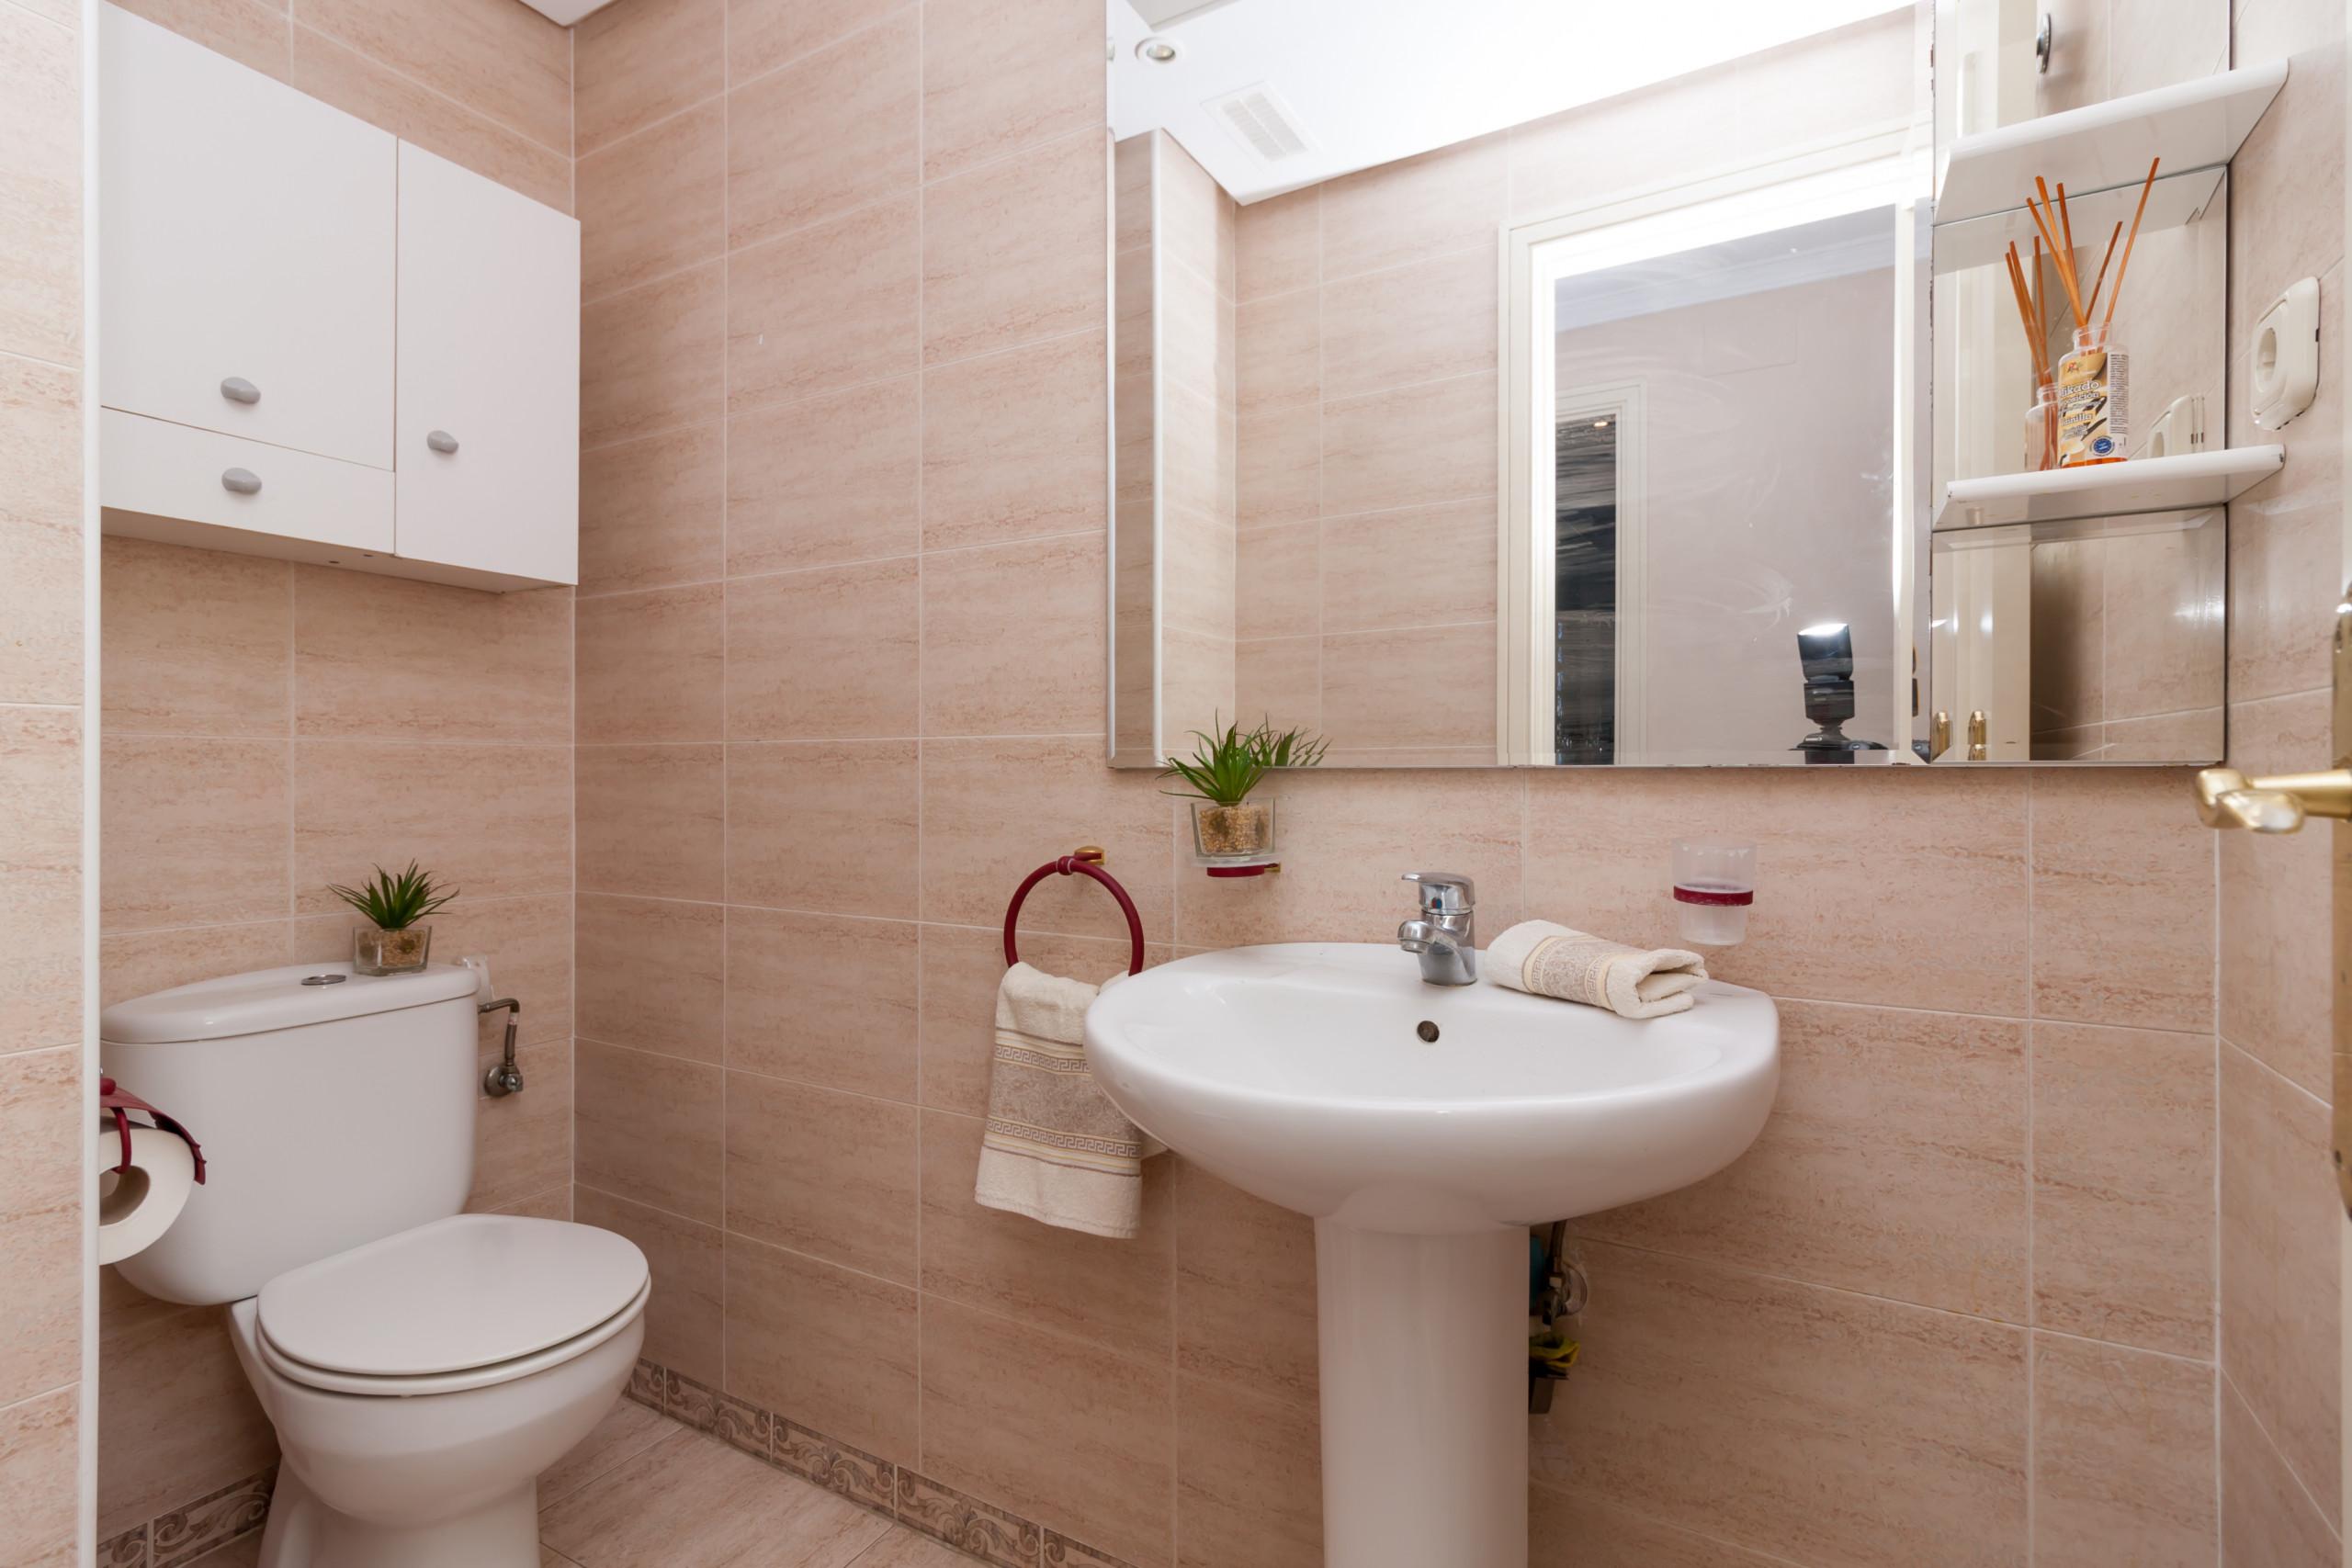 Apartments in Marbella - Duplex Azalea Golden Mile Marbella Canovas (VC)